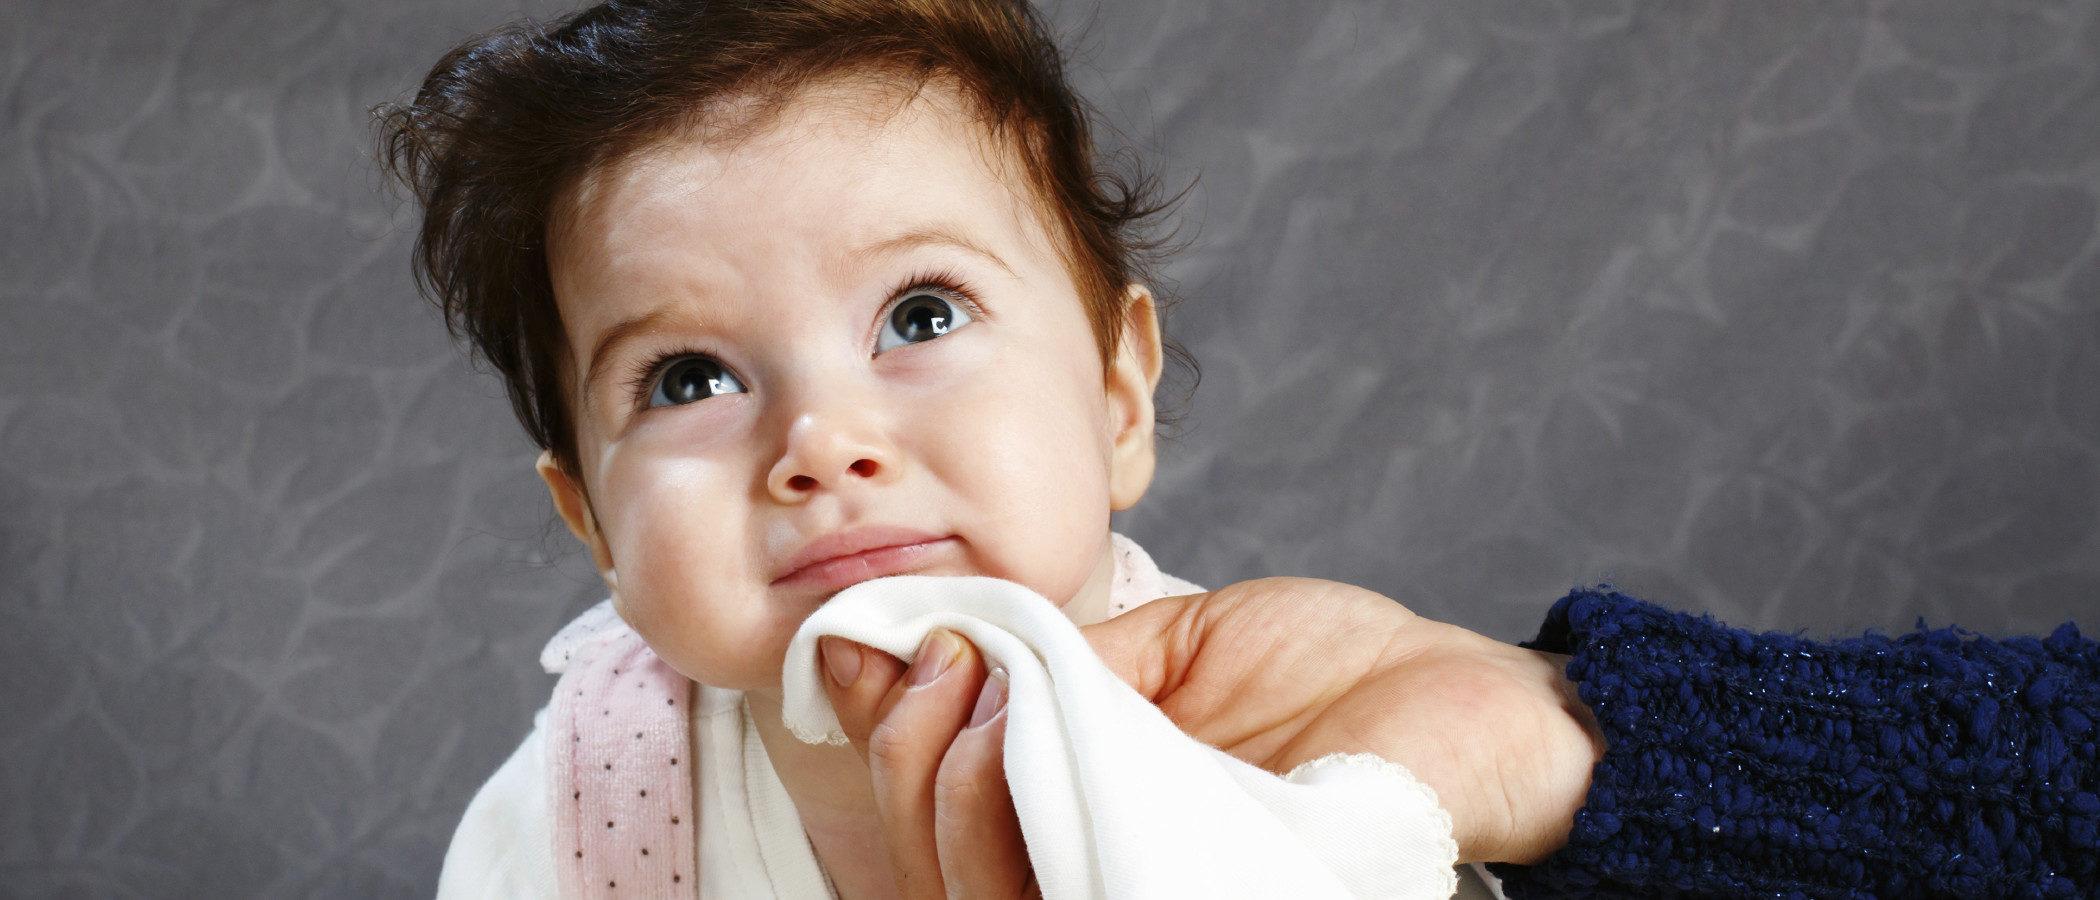 El exceso de babeo en el bebé, ¿es normal?